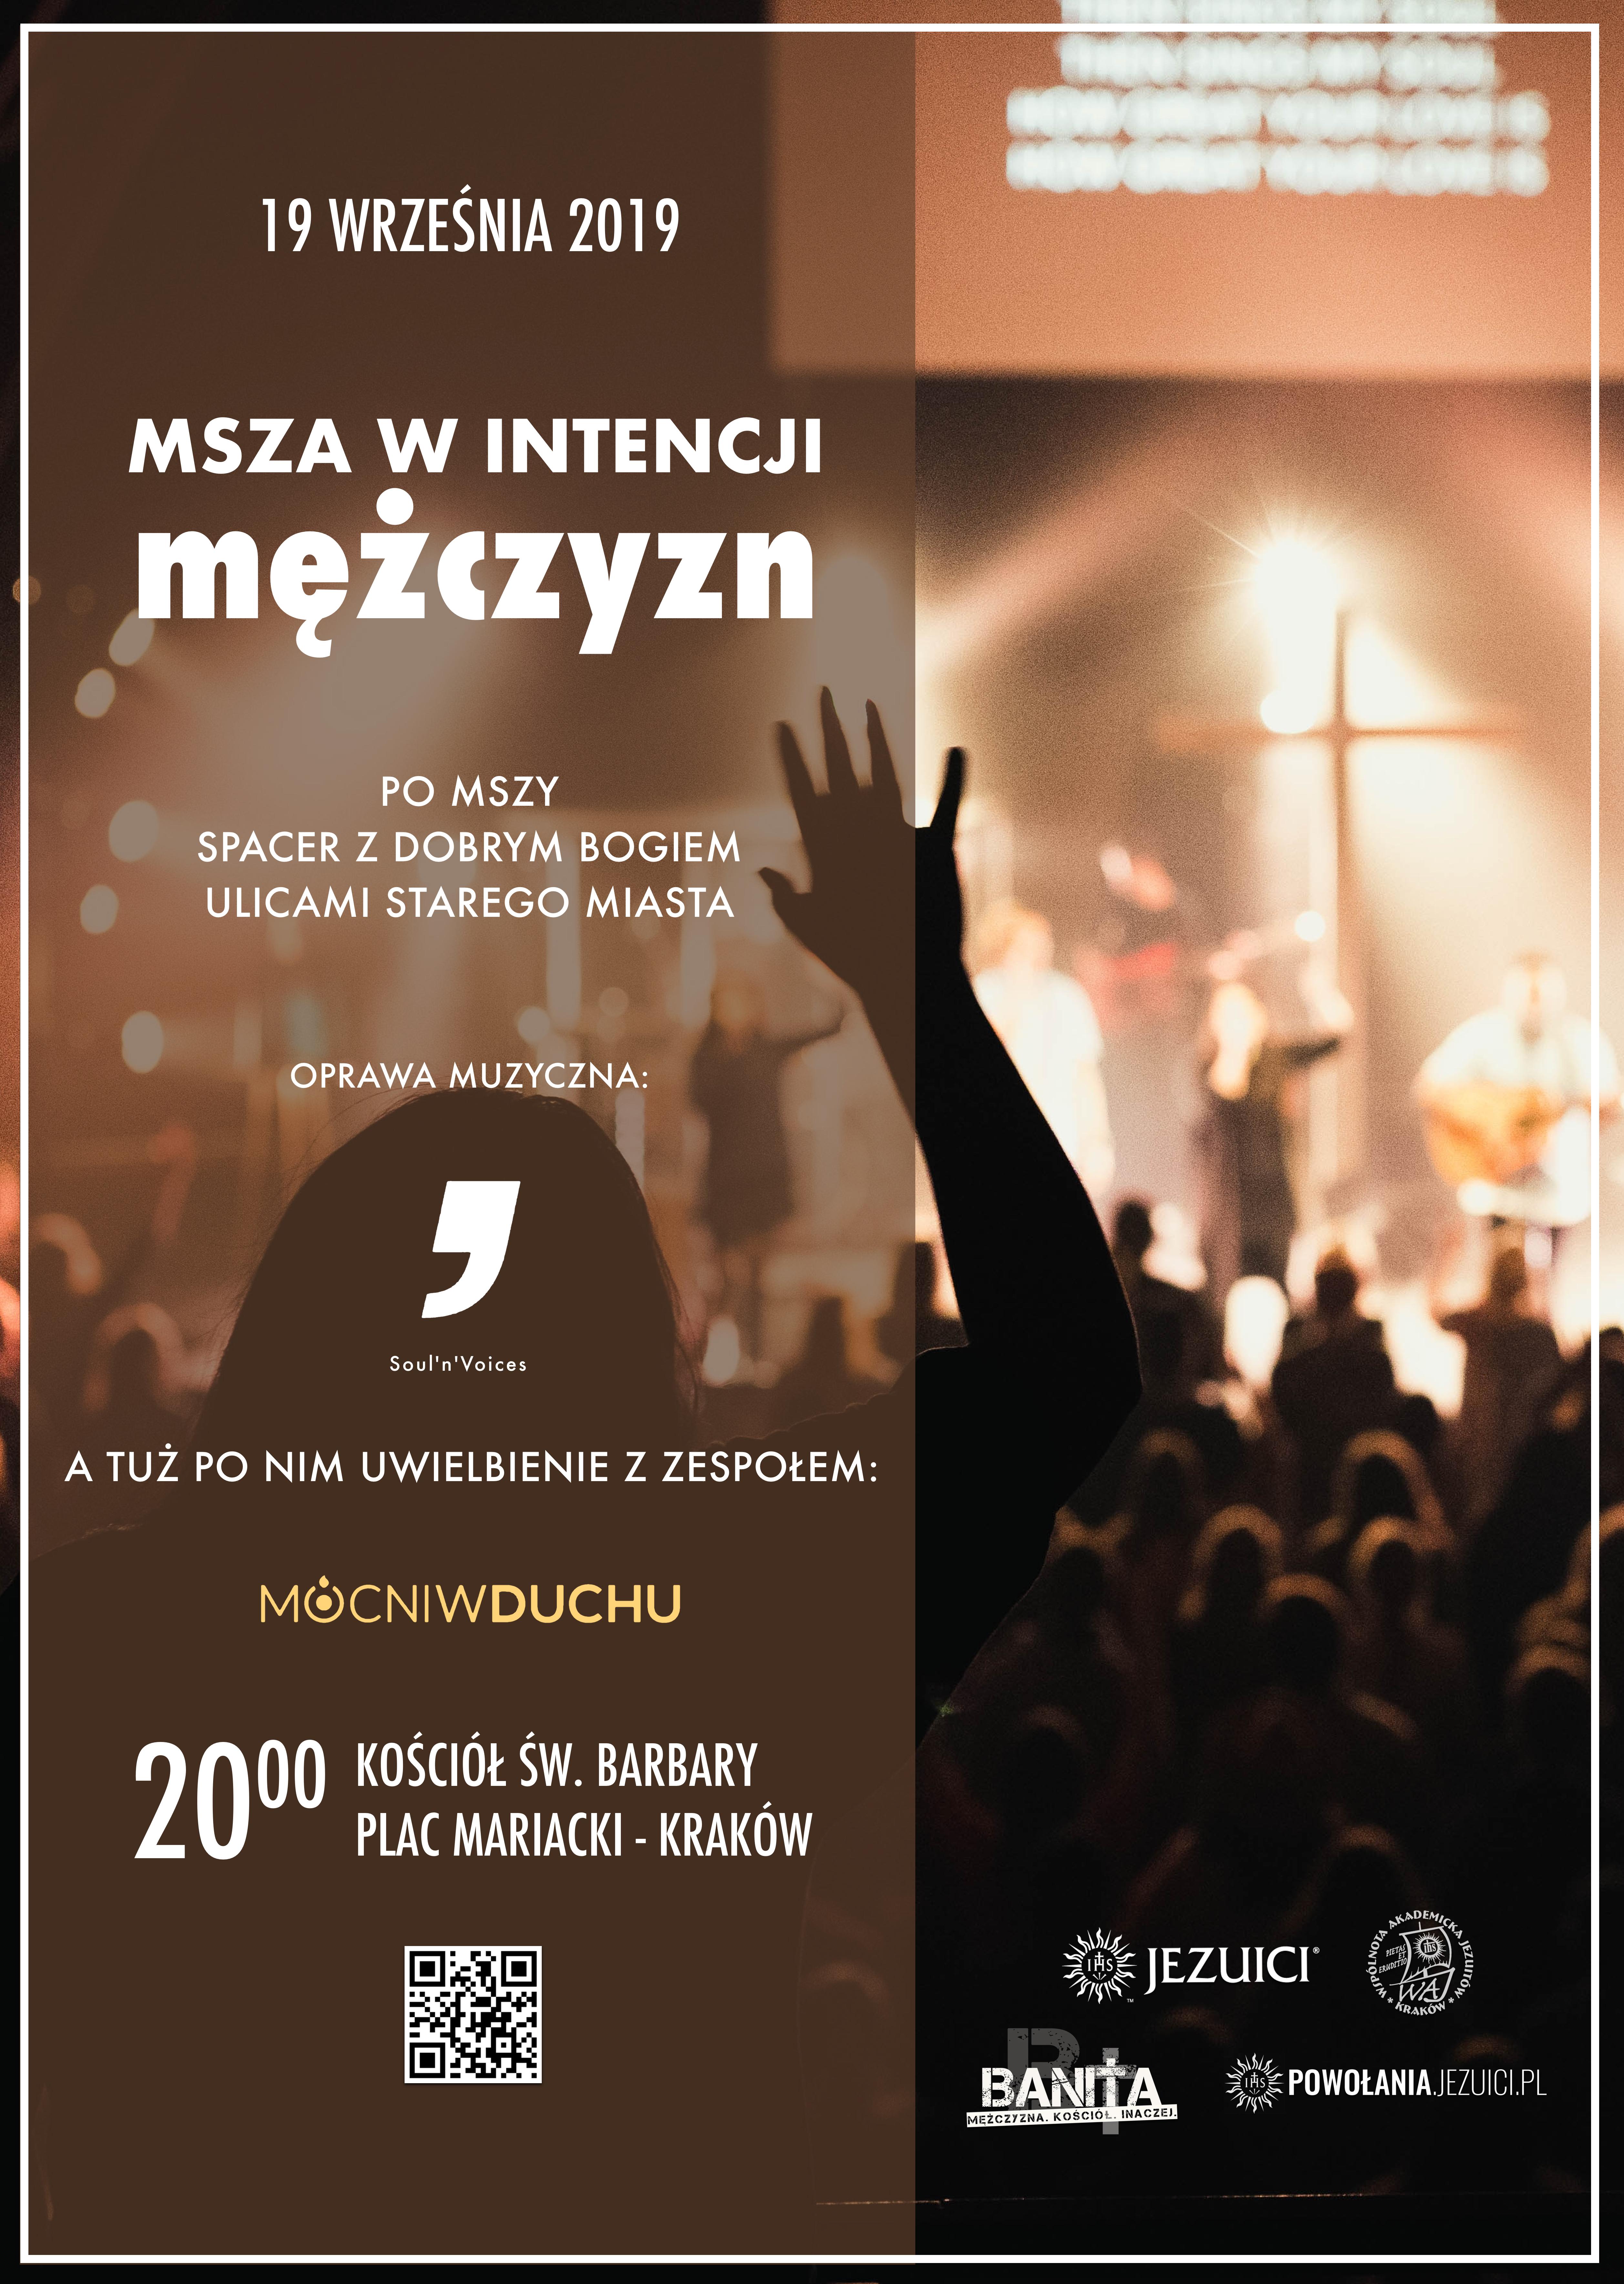 Msza w Intencji Mężczyzn – czwartek 19 września